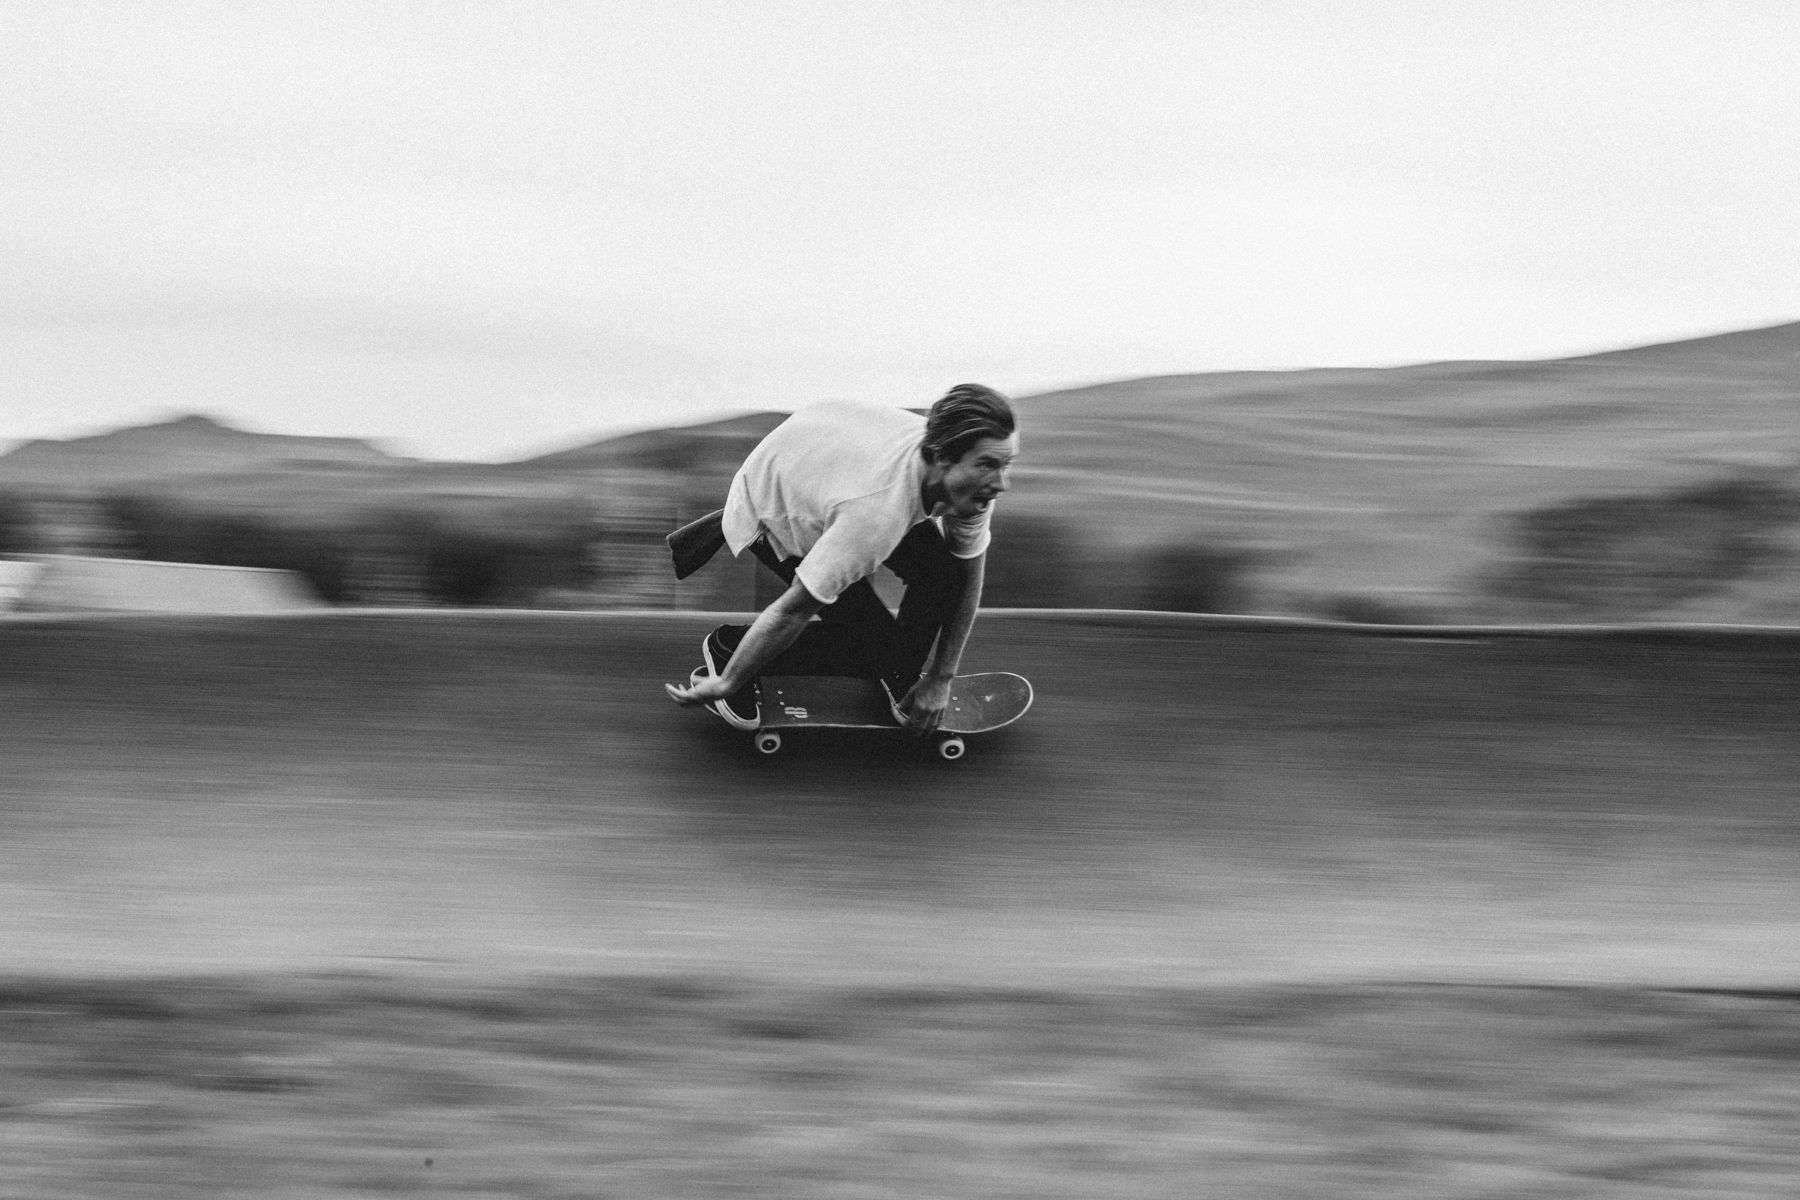 Shaun White, Skateboard